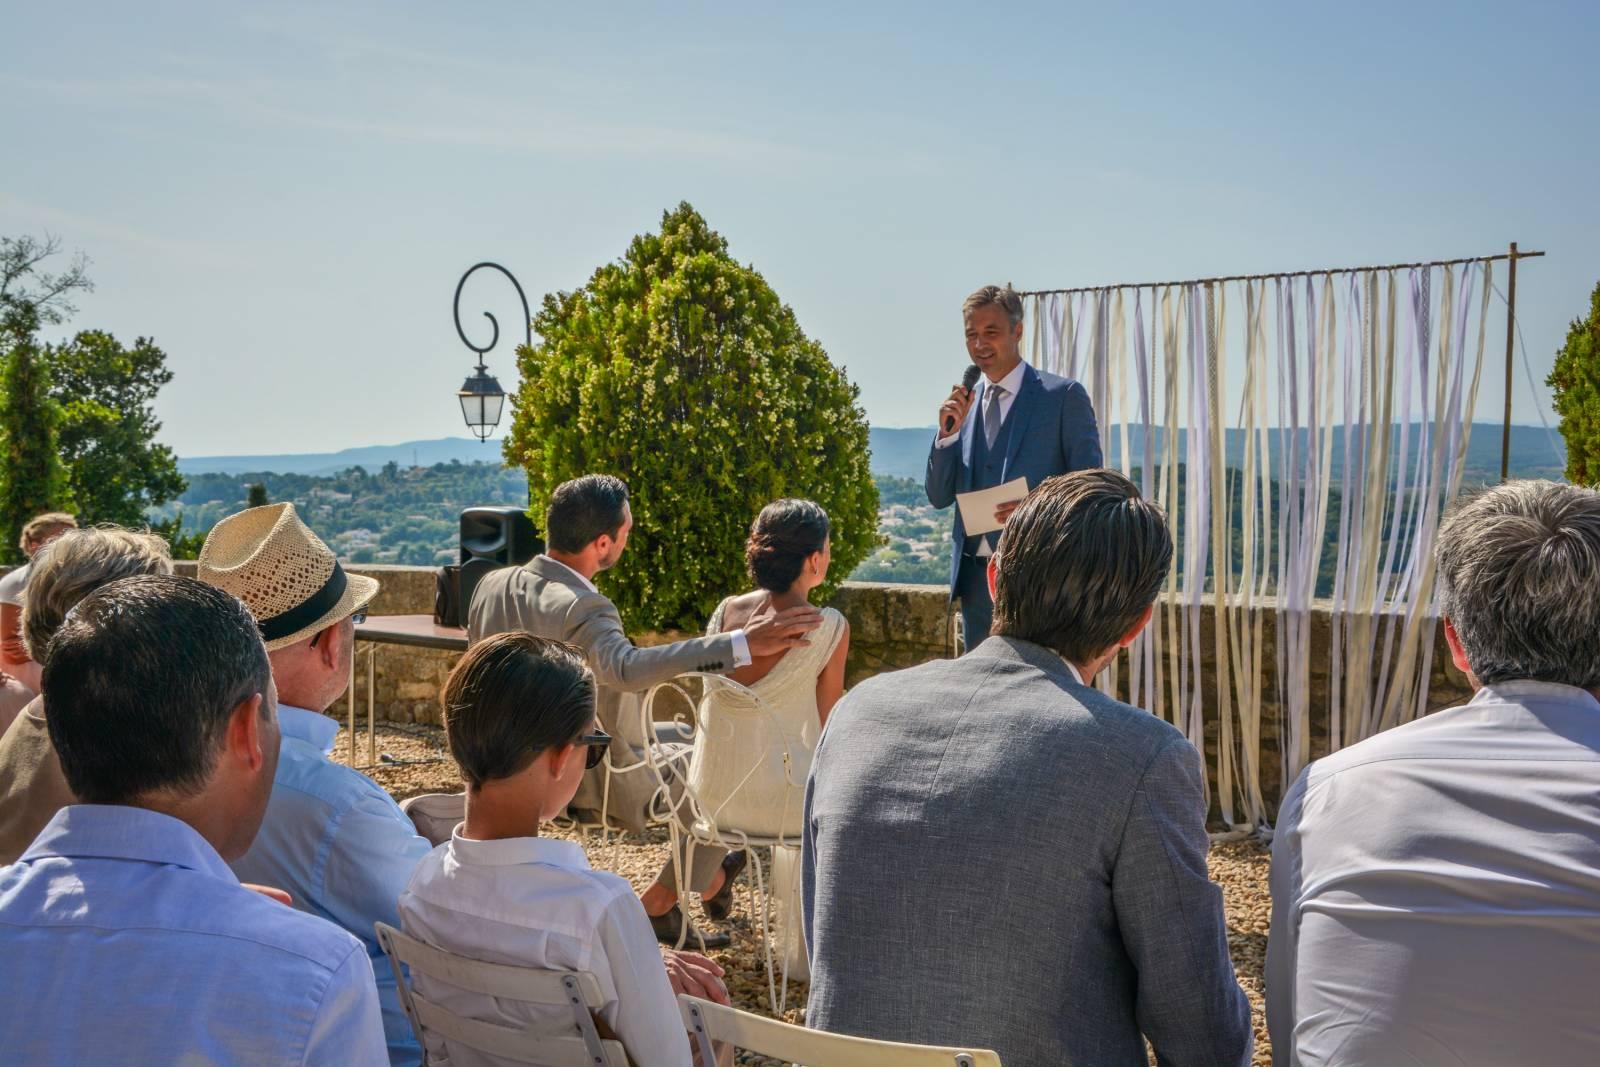 huwelijk frankrijk provence tent ceremonie decoratie bloemen (7)